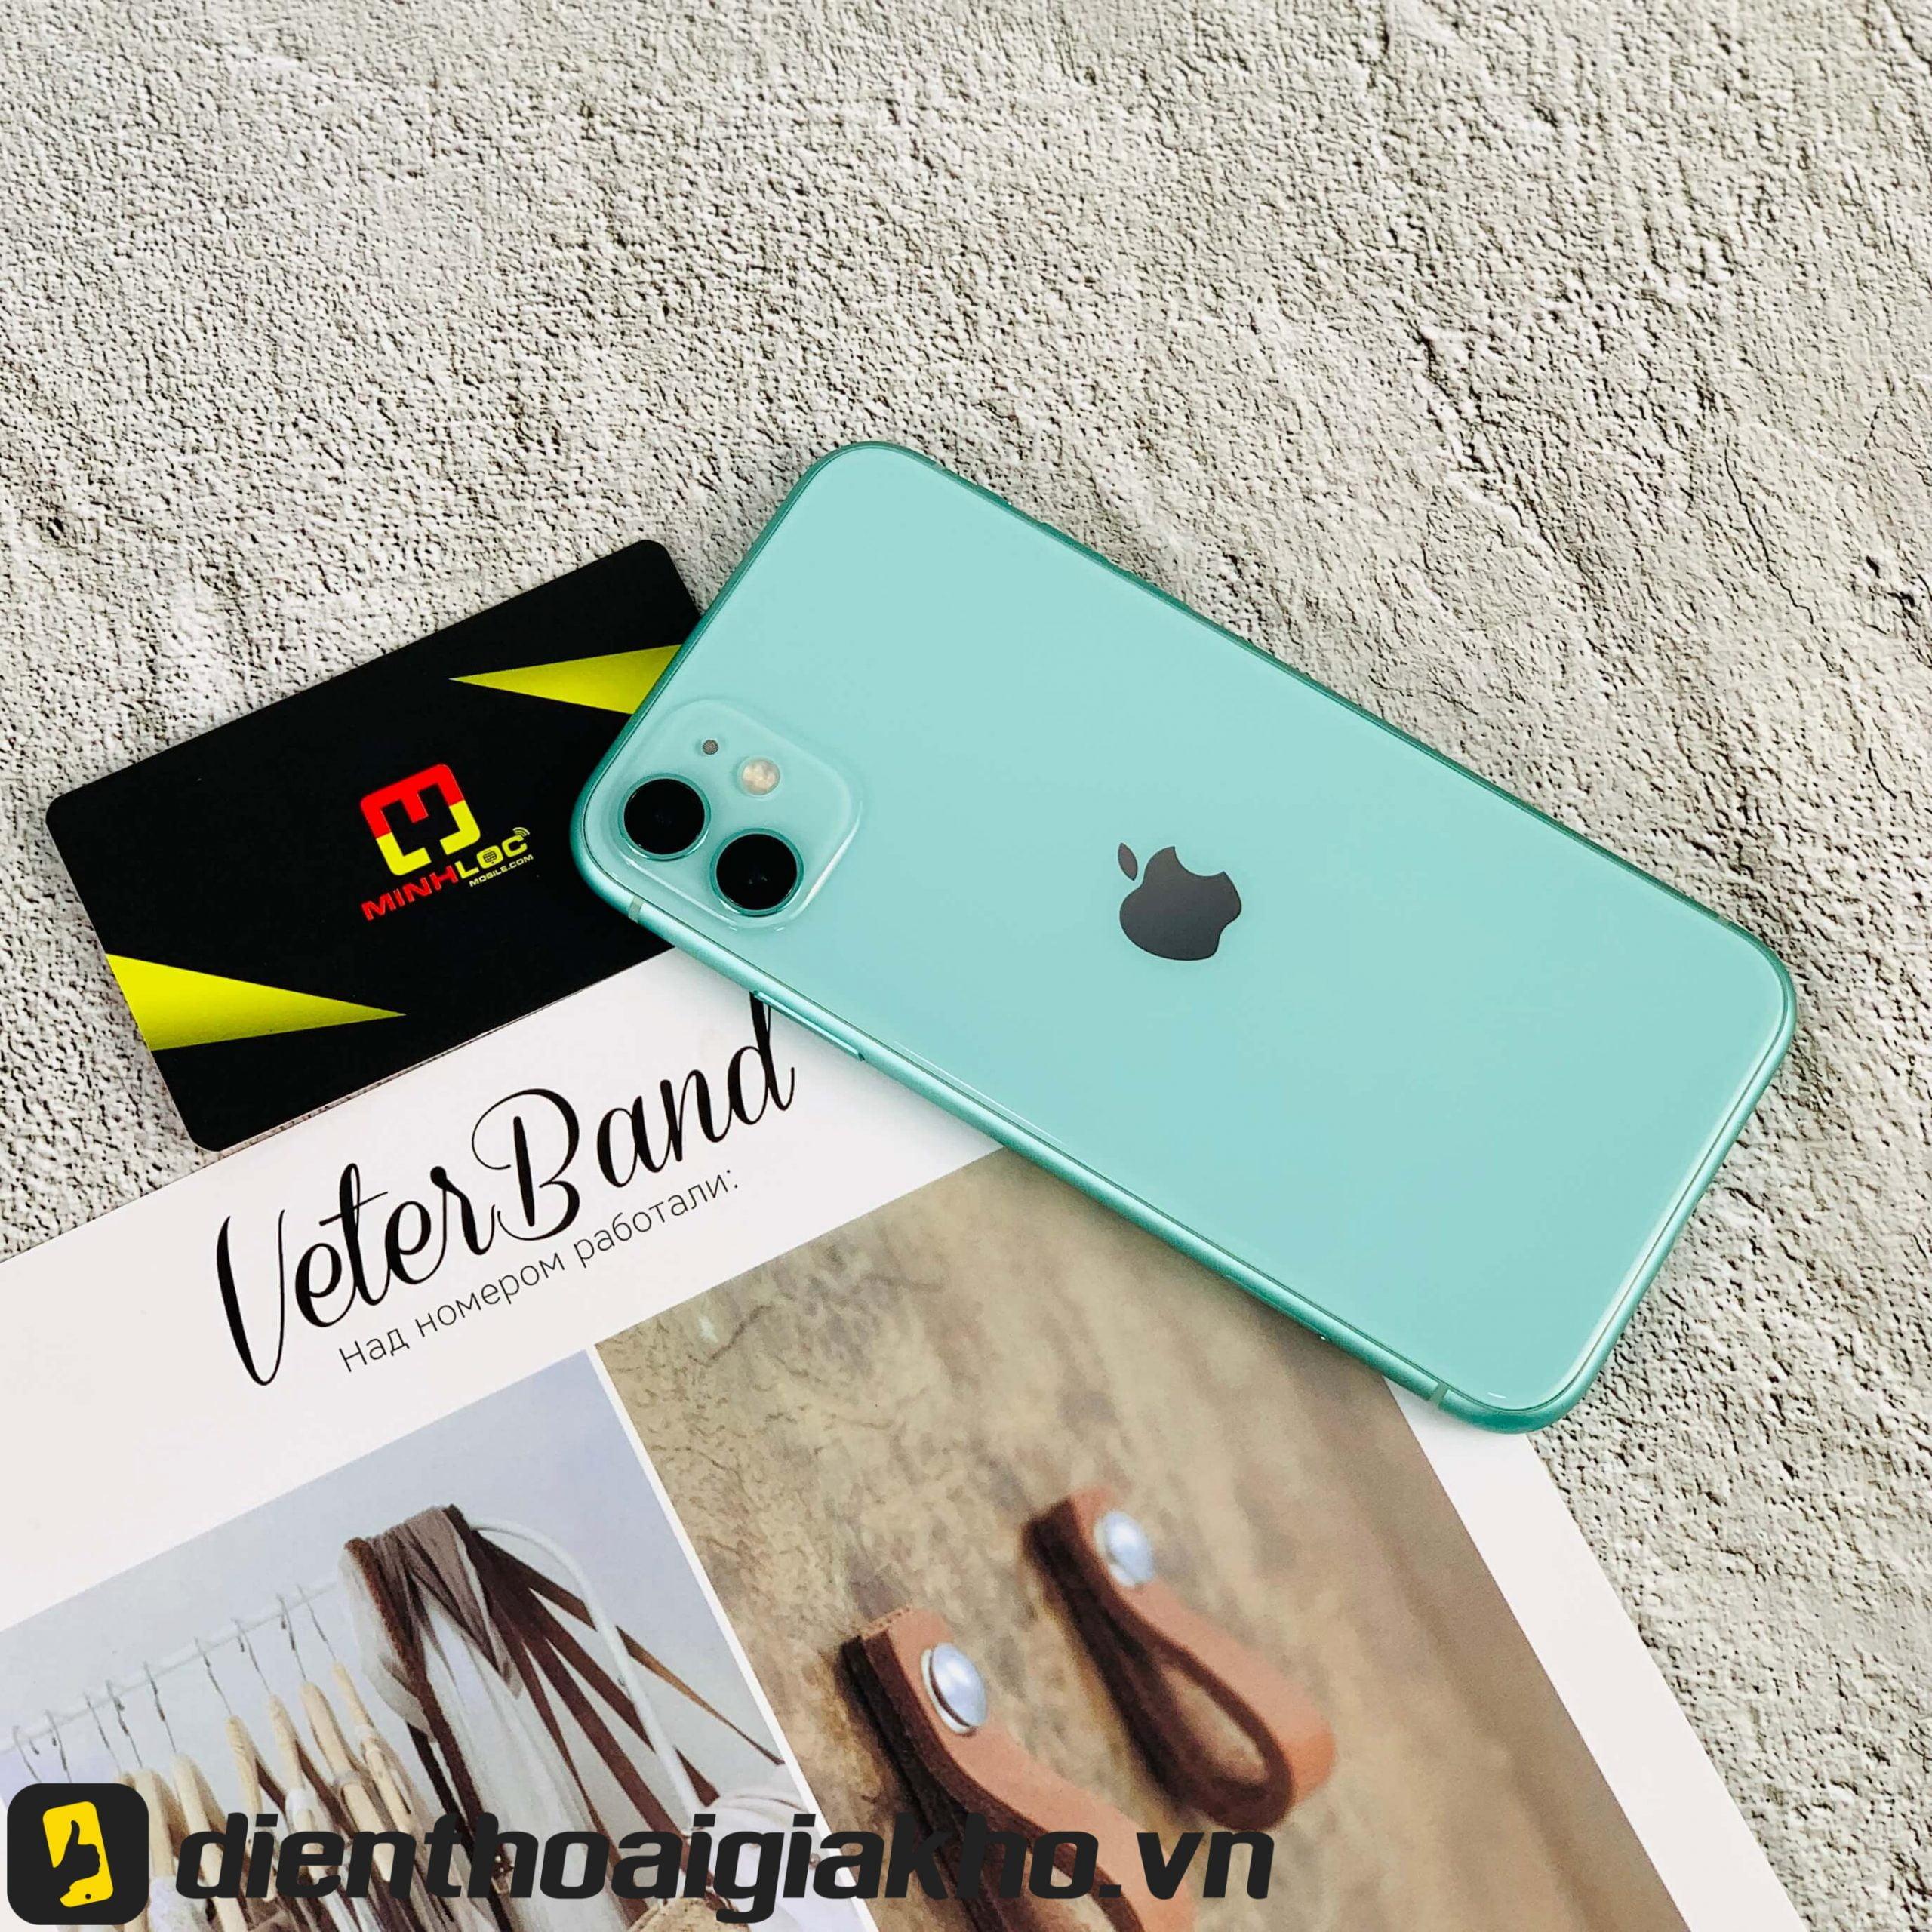 Thiết kế vỏ và viền của iPhone 11 mới cũng được làm từ chất liệu nhôm. Chắc chắn tương tự như các dòng phiên bản smartphone trước đây của Apple.